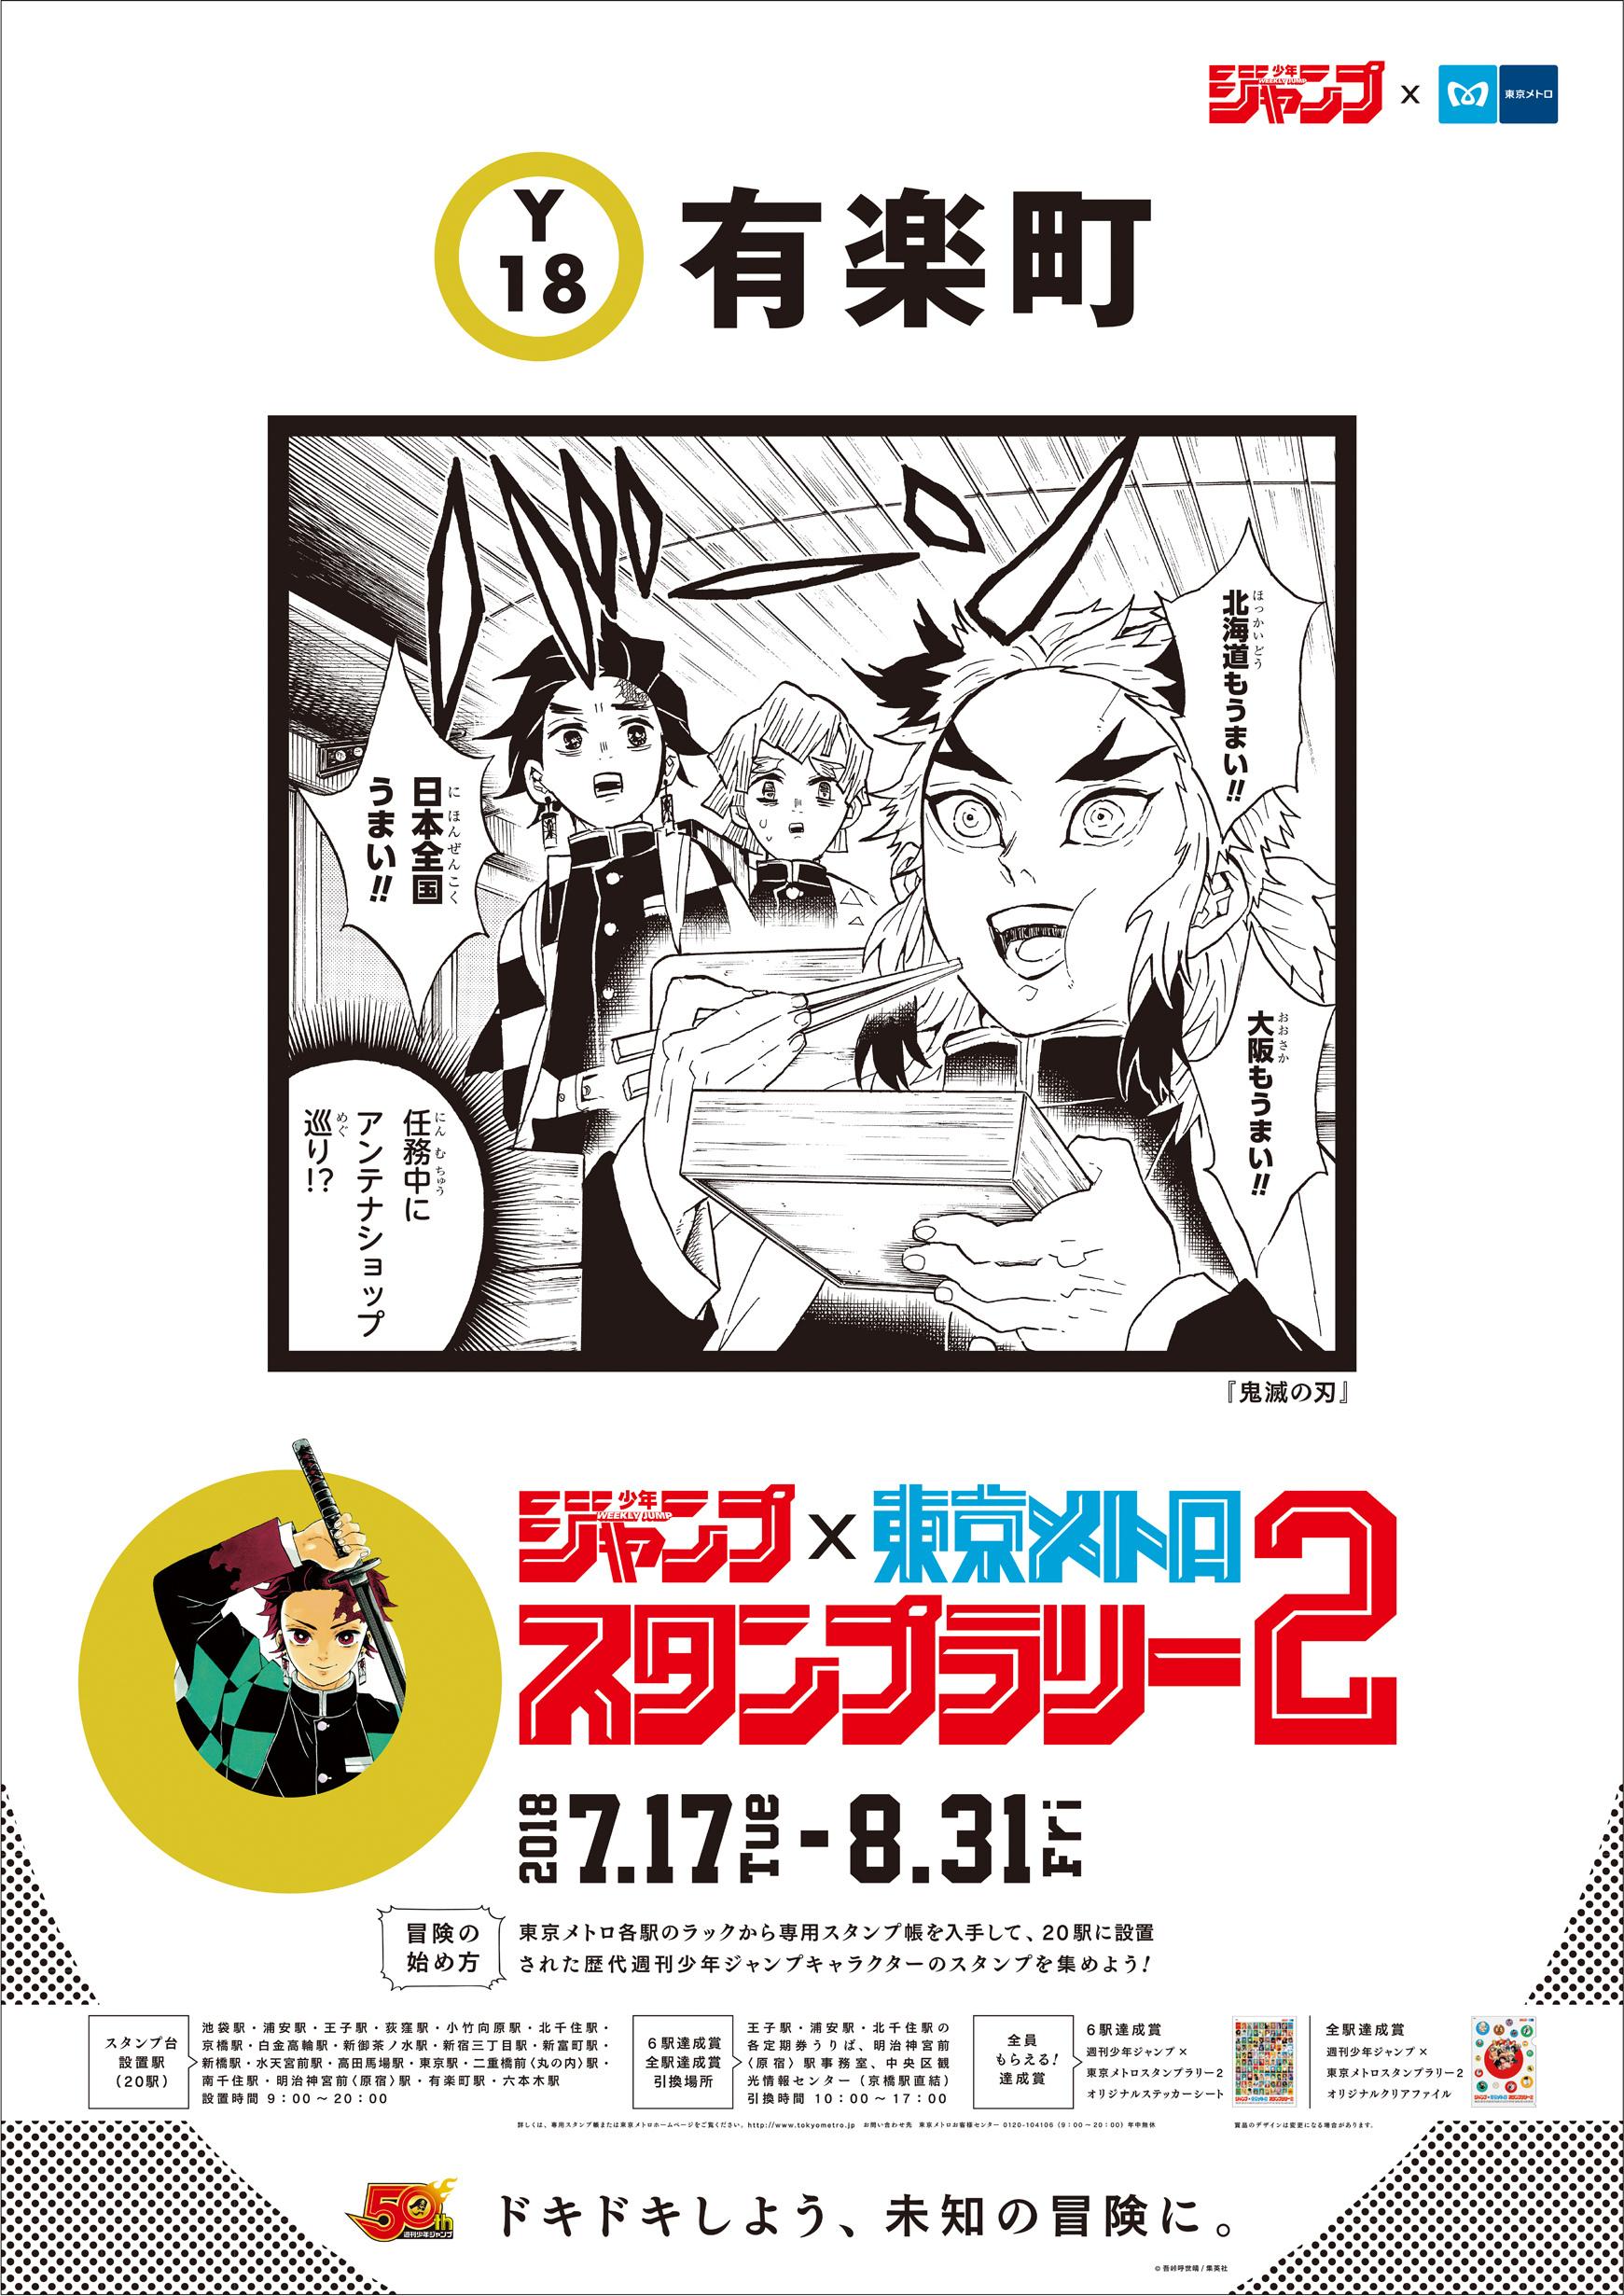 有楽町駅に張り出されるポスターは『鬼滅の刃』 (C)吾峠呼世晴/集英社